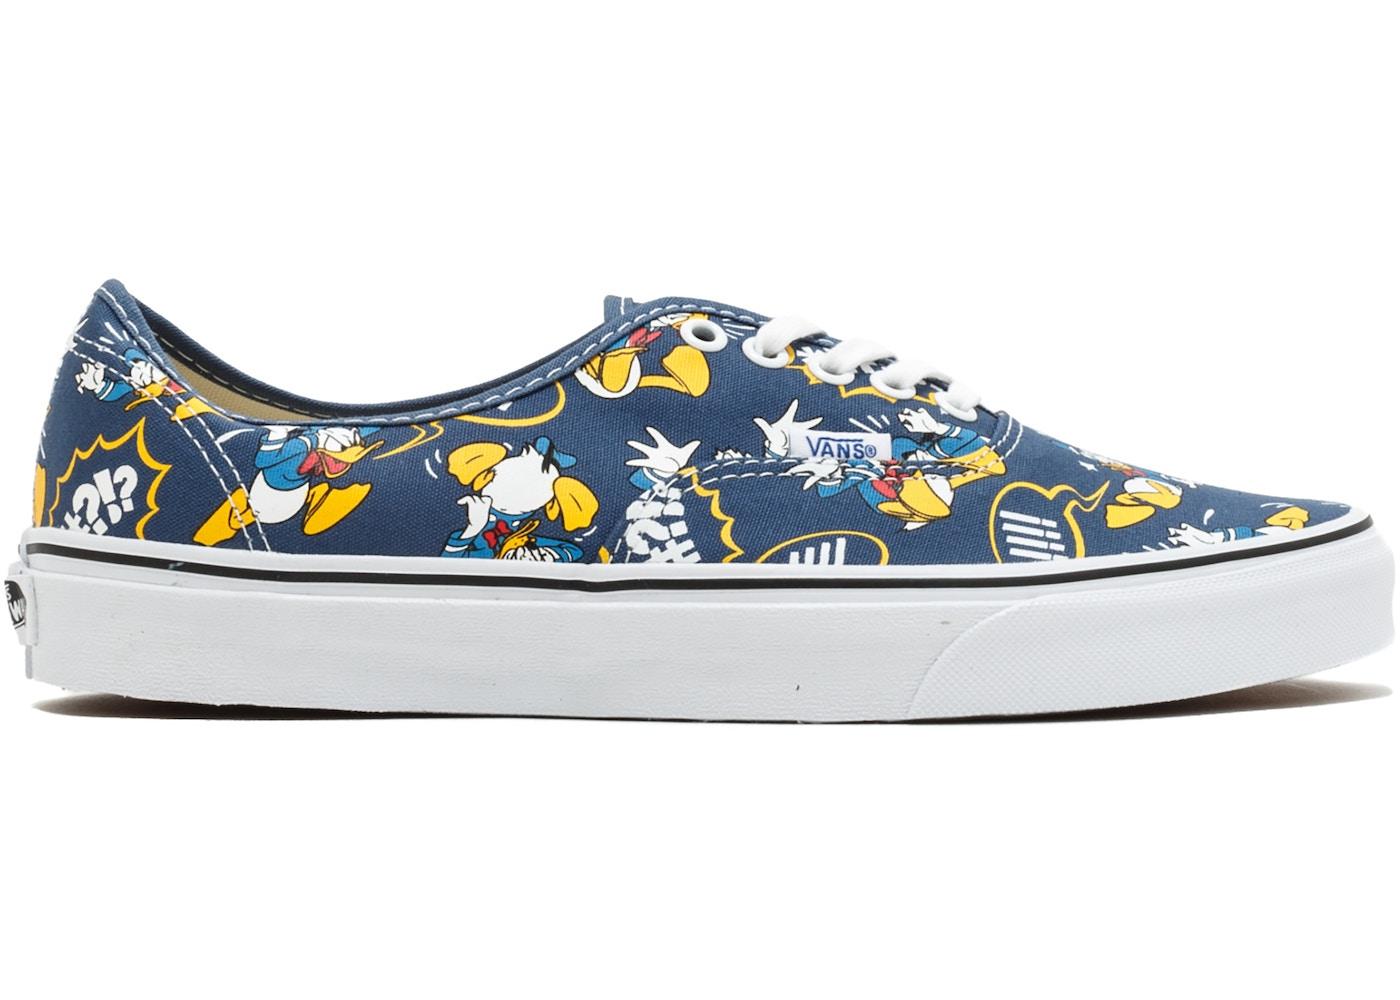 Vans Authentic Donald Duck Navy